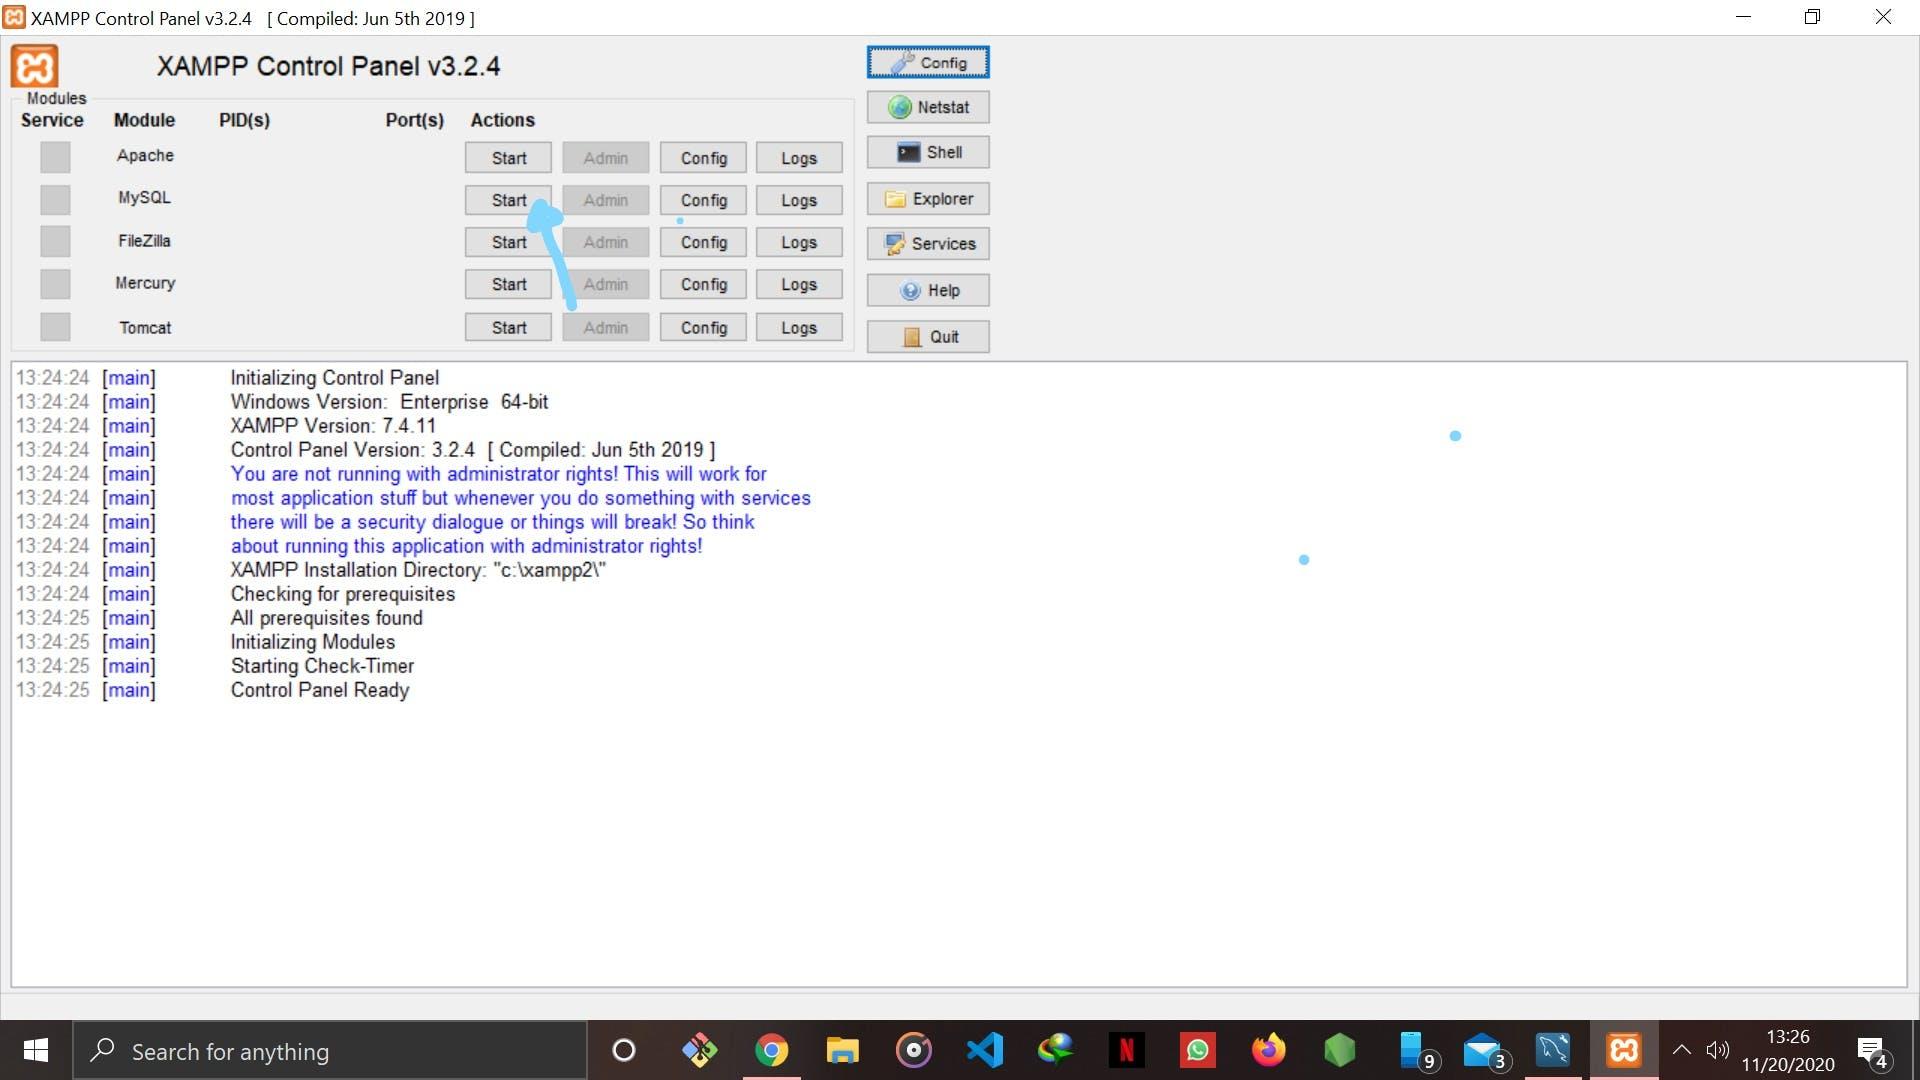 Screenshot (54)_LI.jpg